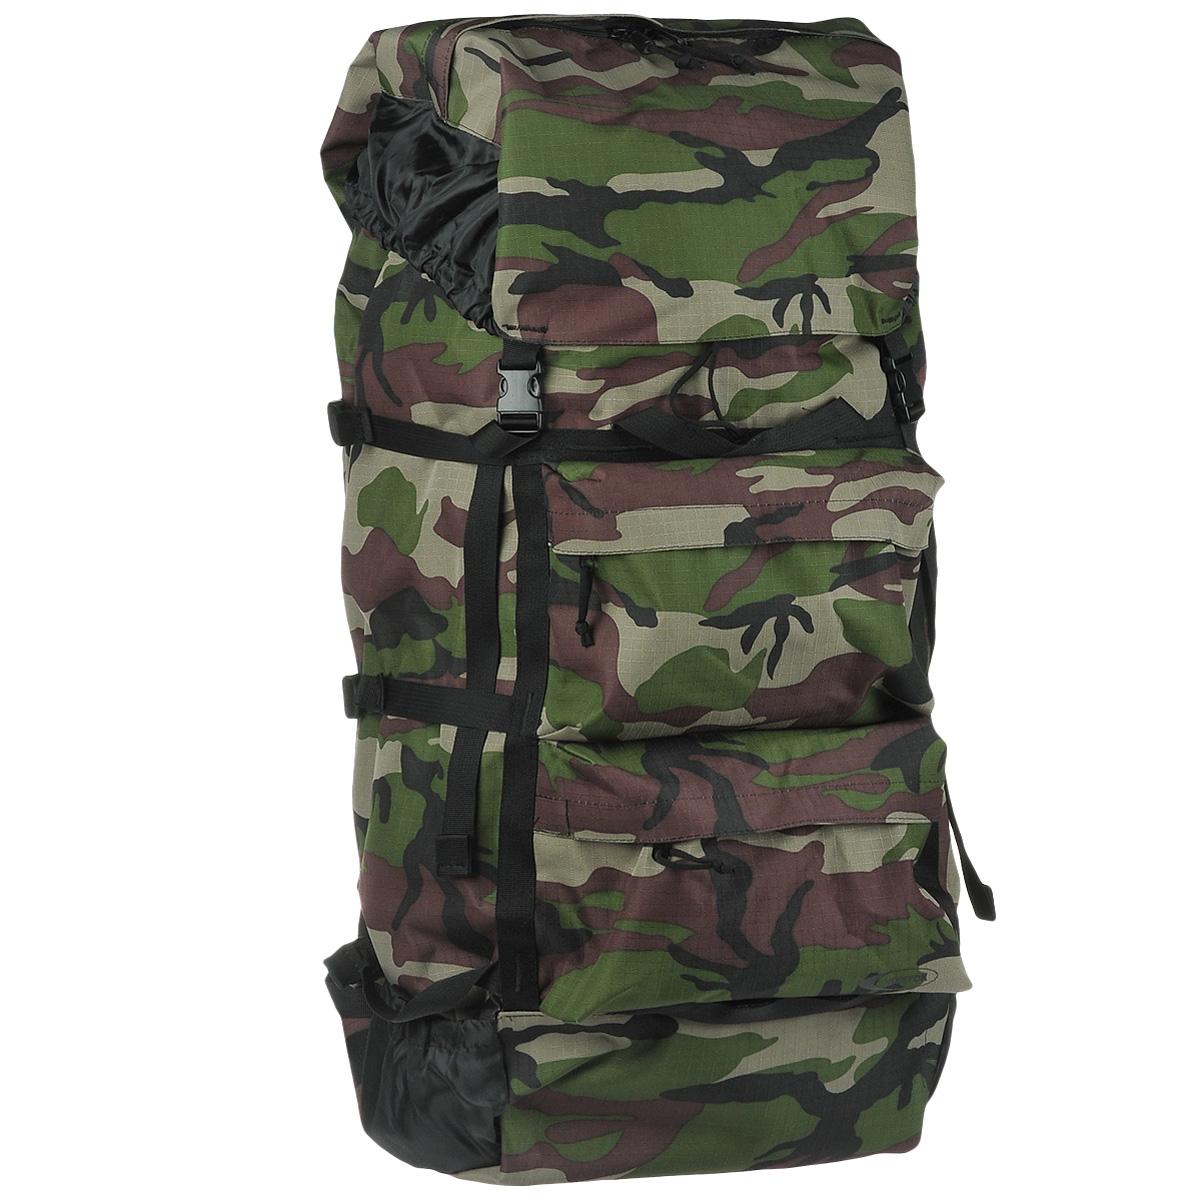 Рюкзак Huntsman Пикбастон, цвет: камуфляж, 100 лVR-P-100Huntsman Пикбастон - это мягкий вместительный рюкзак, предназначенный для походов разной категории сложности.Особенности рюкзака:Непромокаемое дноКорпус усилен стропами с шестью боковыми стяжкамиВпереди два кармана на молнии под клапаномС боков маленькие открытые карманы для мелочейВнутри регулируемые лямки со стяжкой и спинка уплотнены вспененным полиэтиленомСверху высокий фартук из капрона, увеличивающий объёмВерх рюкзака и фартук стягиваются шнуром с фиксатором и закрываются клапаном с карманом на молнии на две защёлкиРучка для переноски рюкзака.